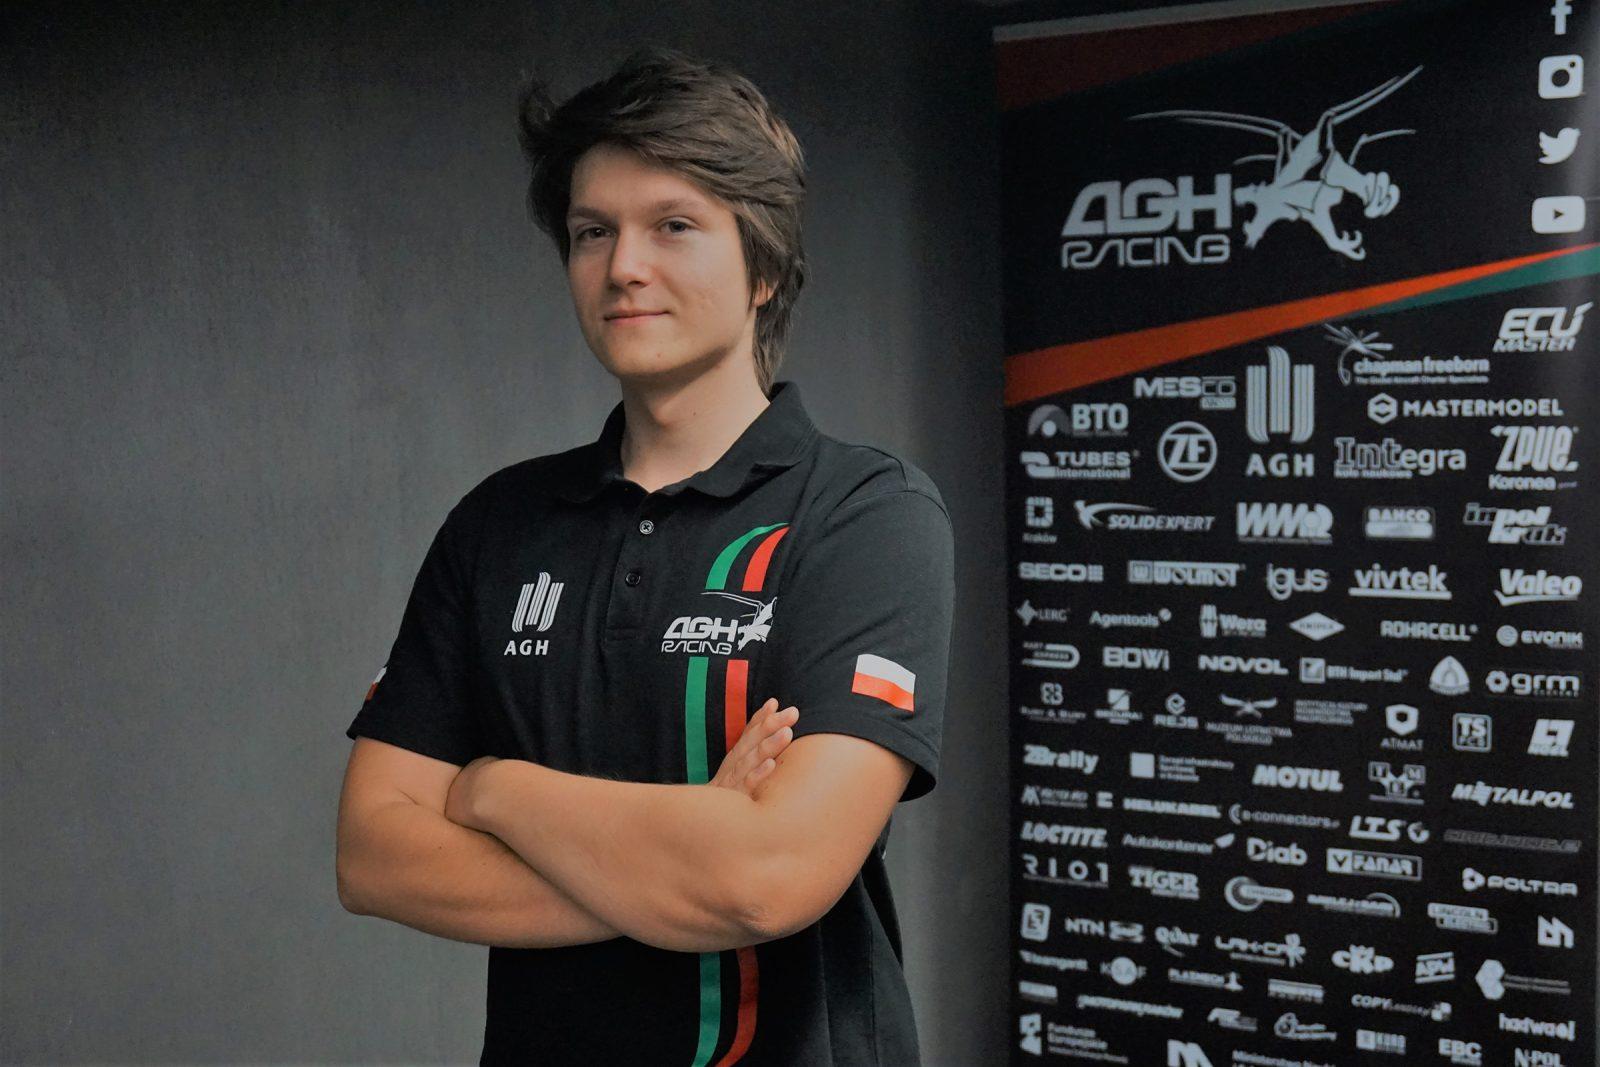 Grzegorz Borowiec